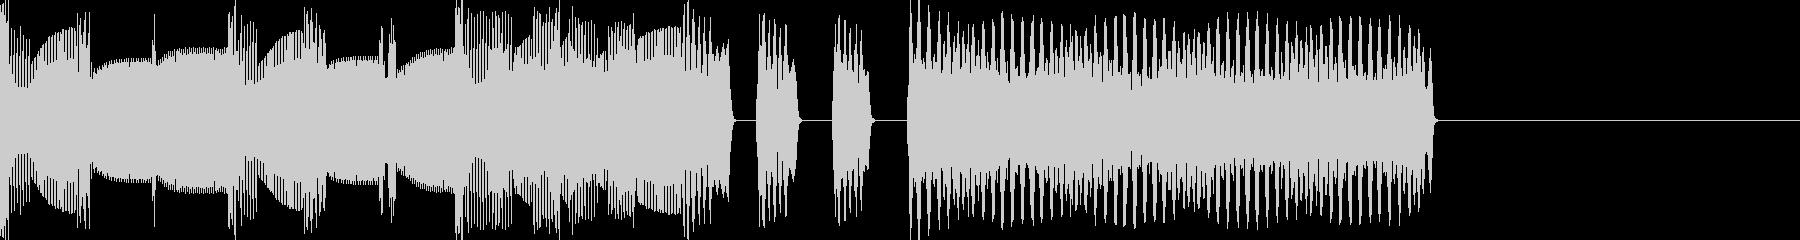 マリオ風ファミコン曲ステージクリア(短)の未再生の波形